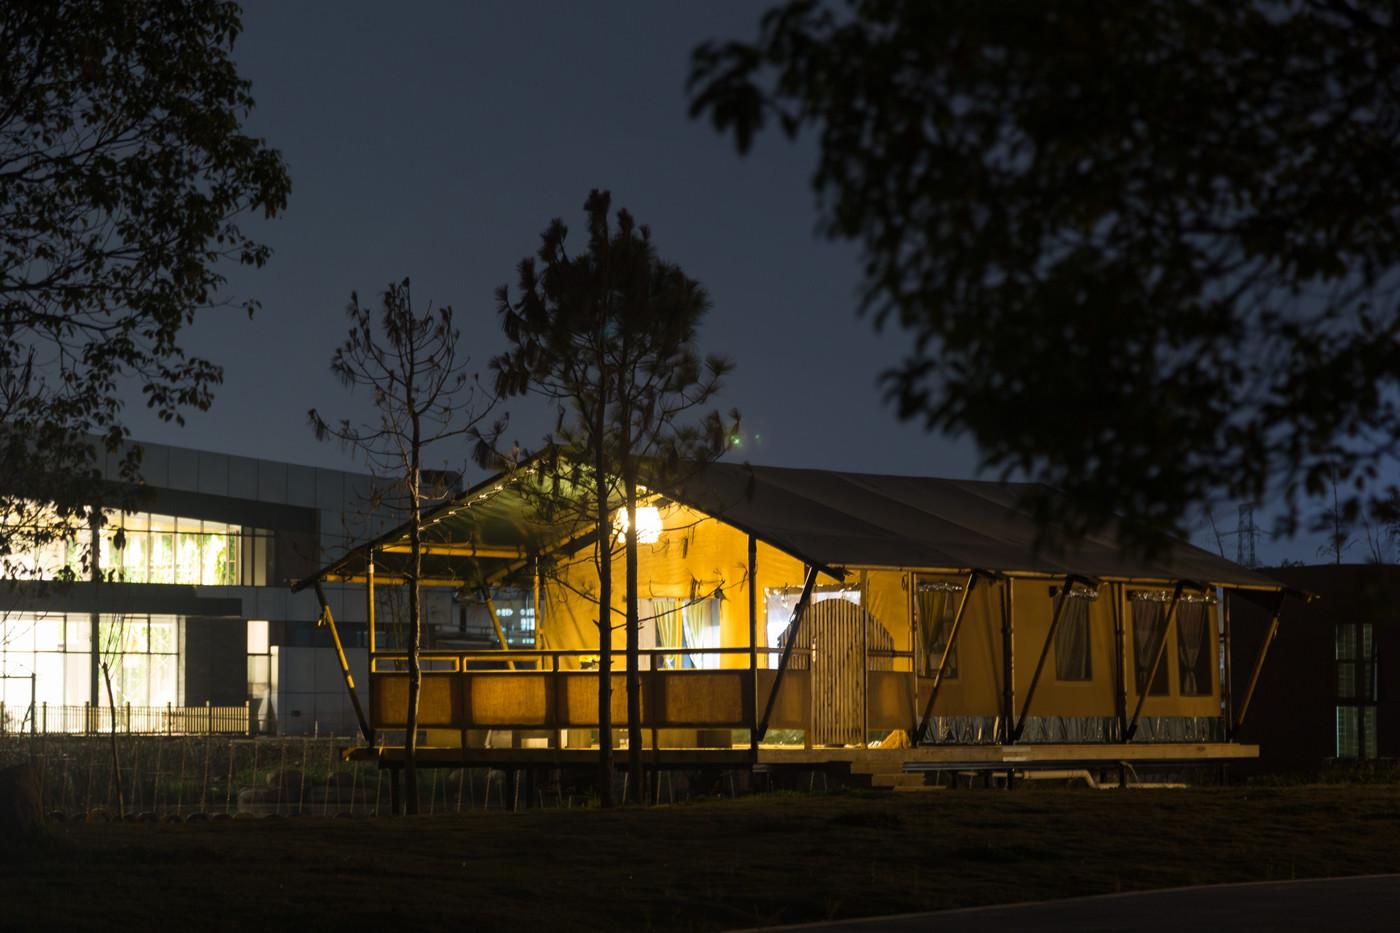 喜马拉雅野奢帐篷酒店—浙江留香之家露营地帐篷酒店(78平)18